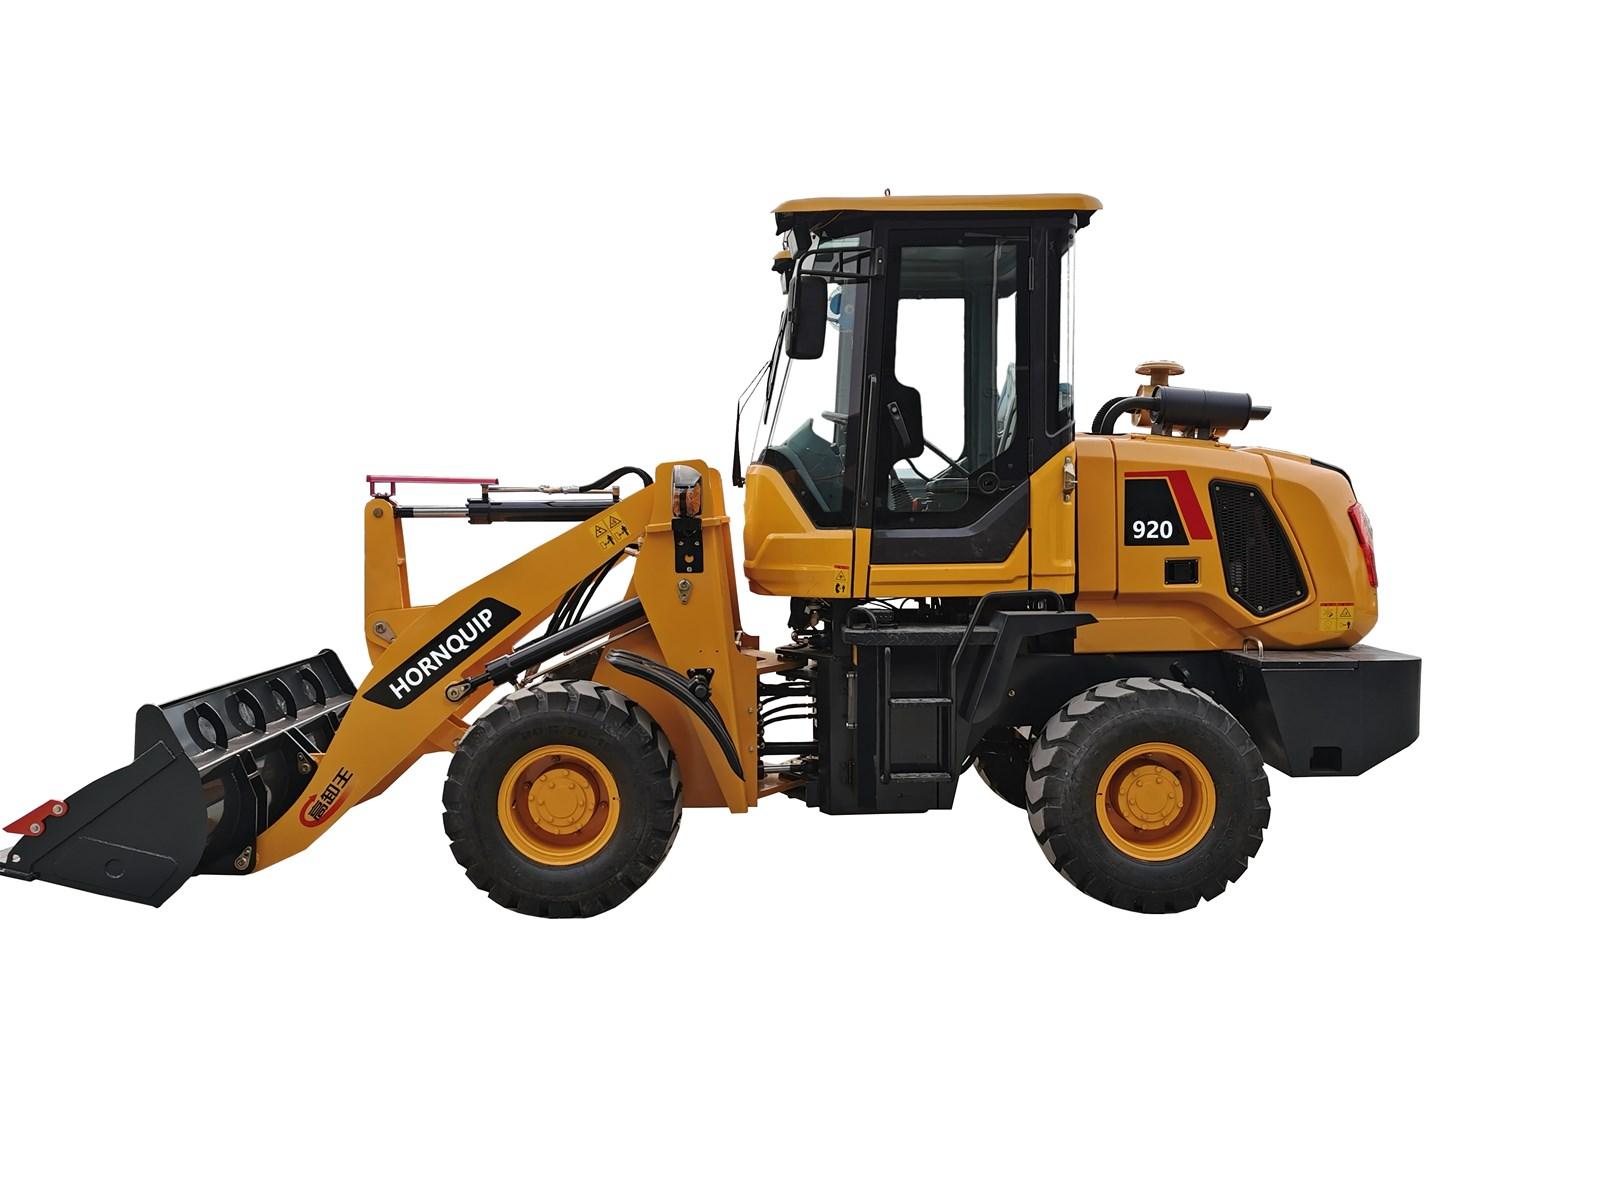 Sell Backhoe Loader AZ2210 1200kg rated load